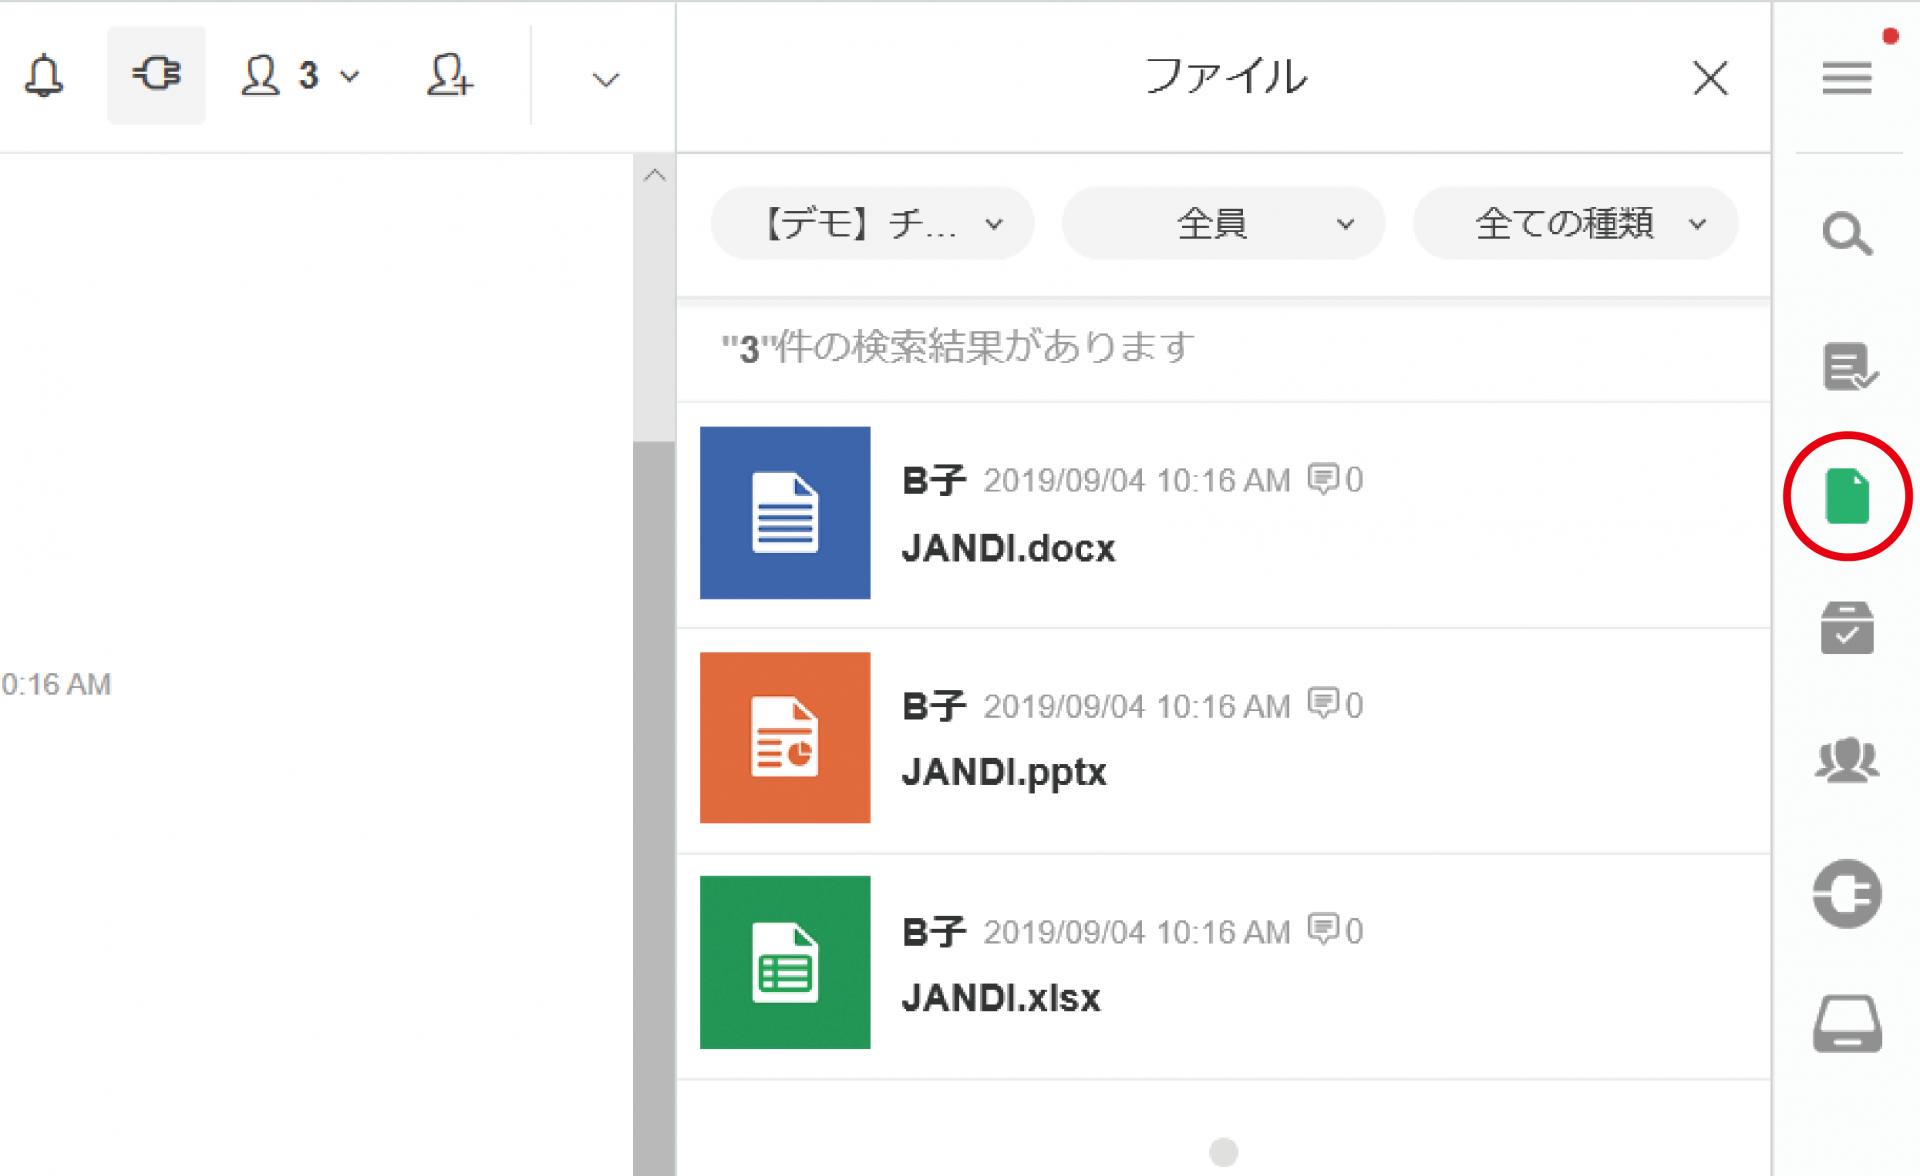 ファイル管理・共有